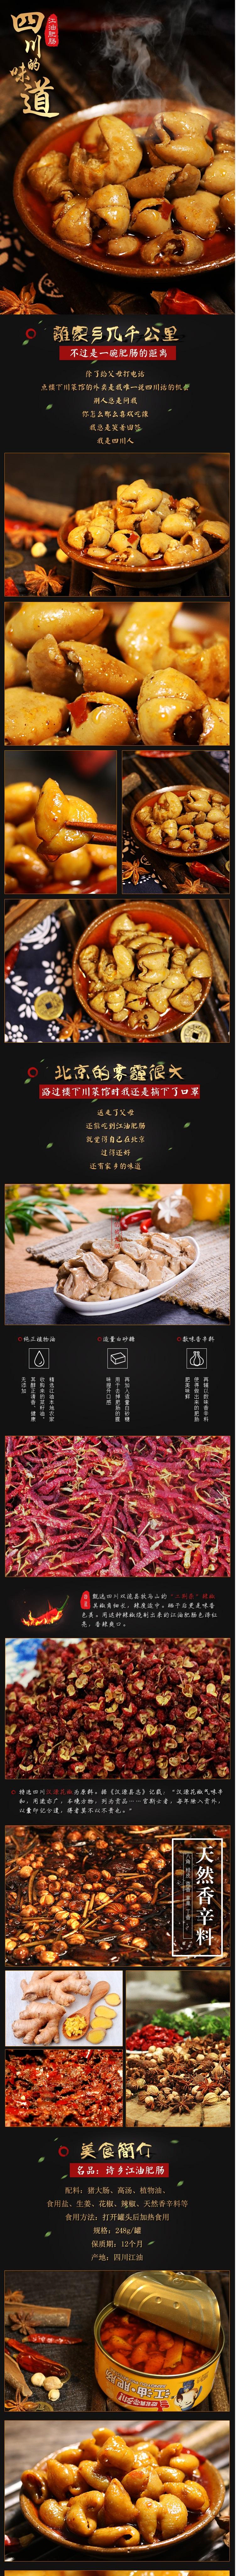 四川特产  江油麻辣肥肠单罐装高汤肥肠下饭菜熟食卤味肥肠248克